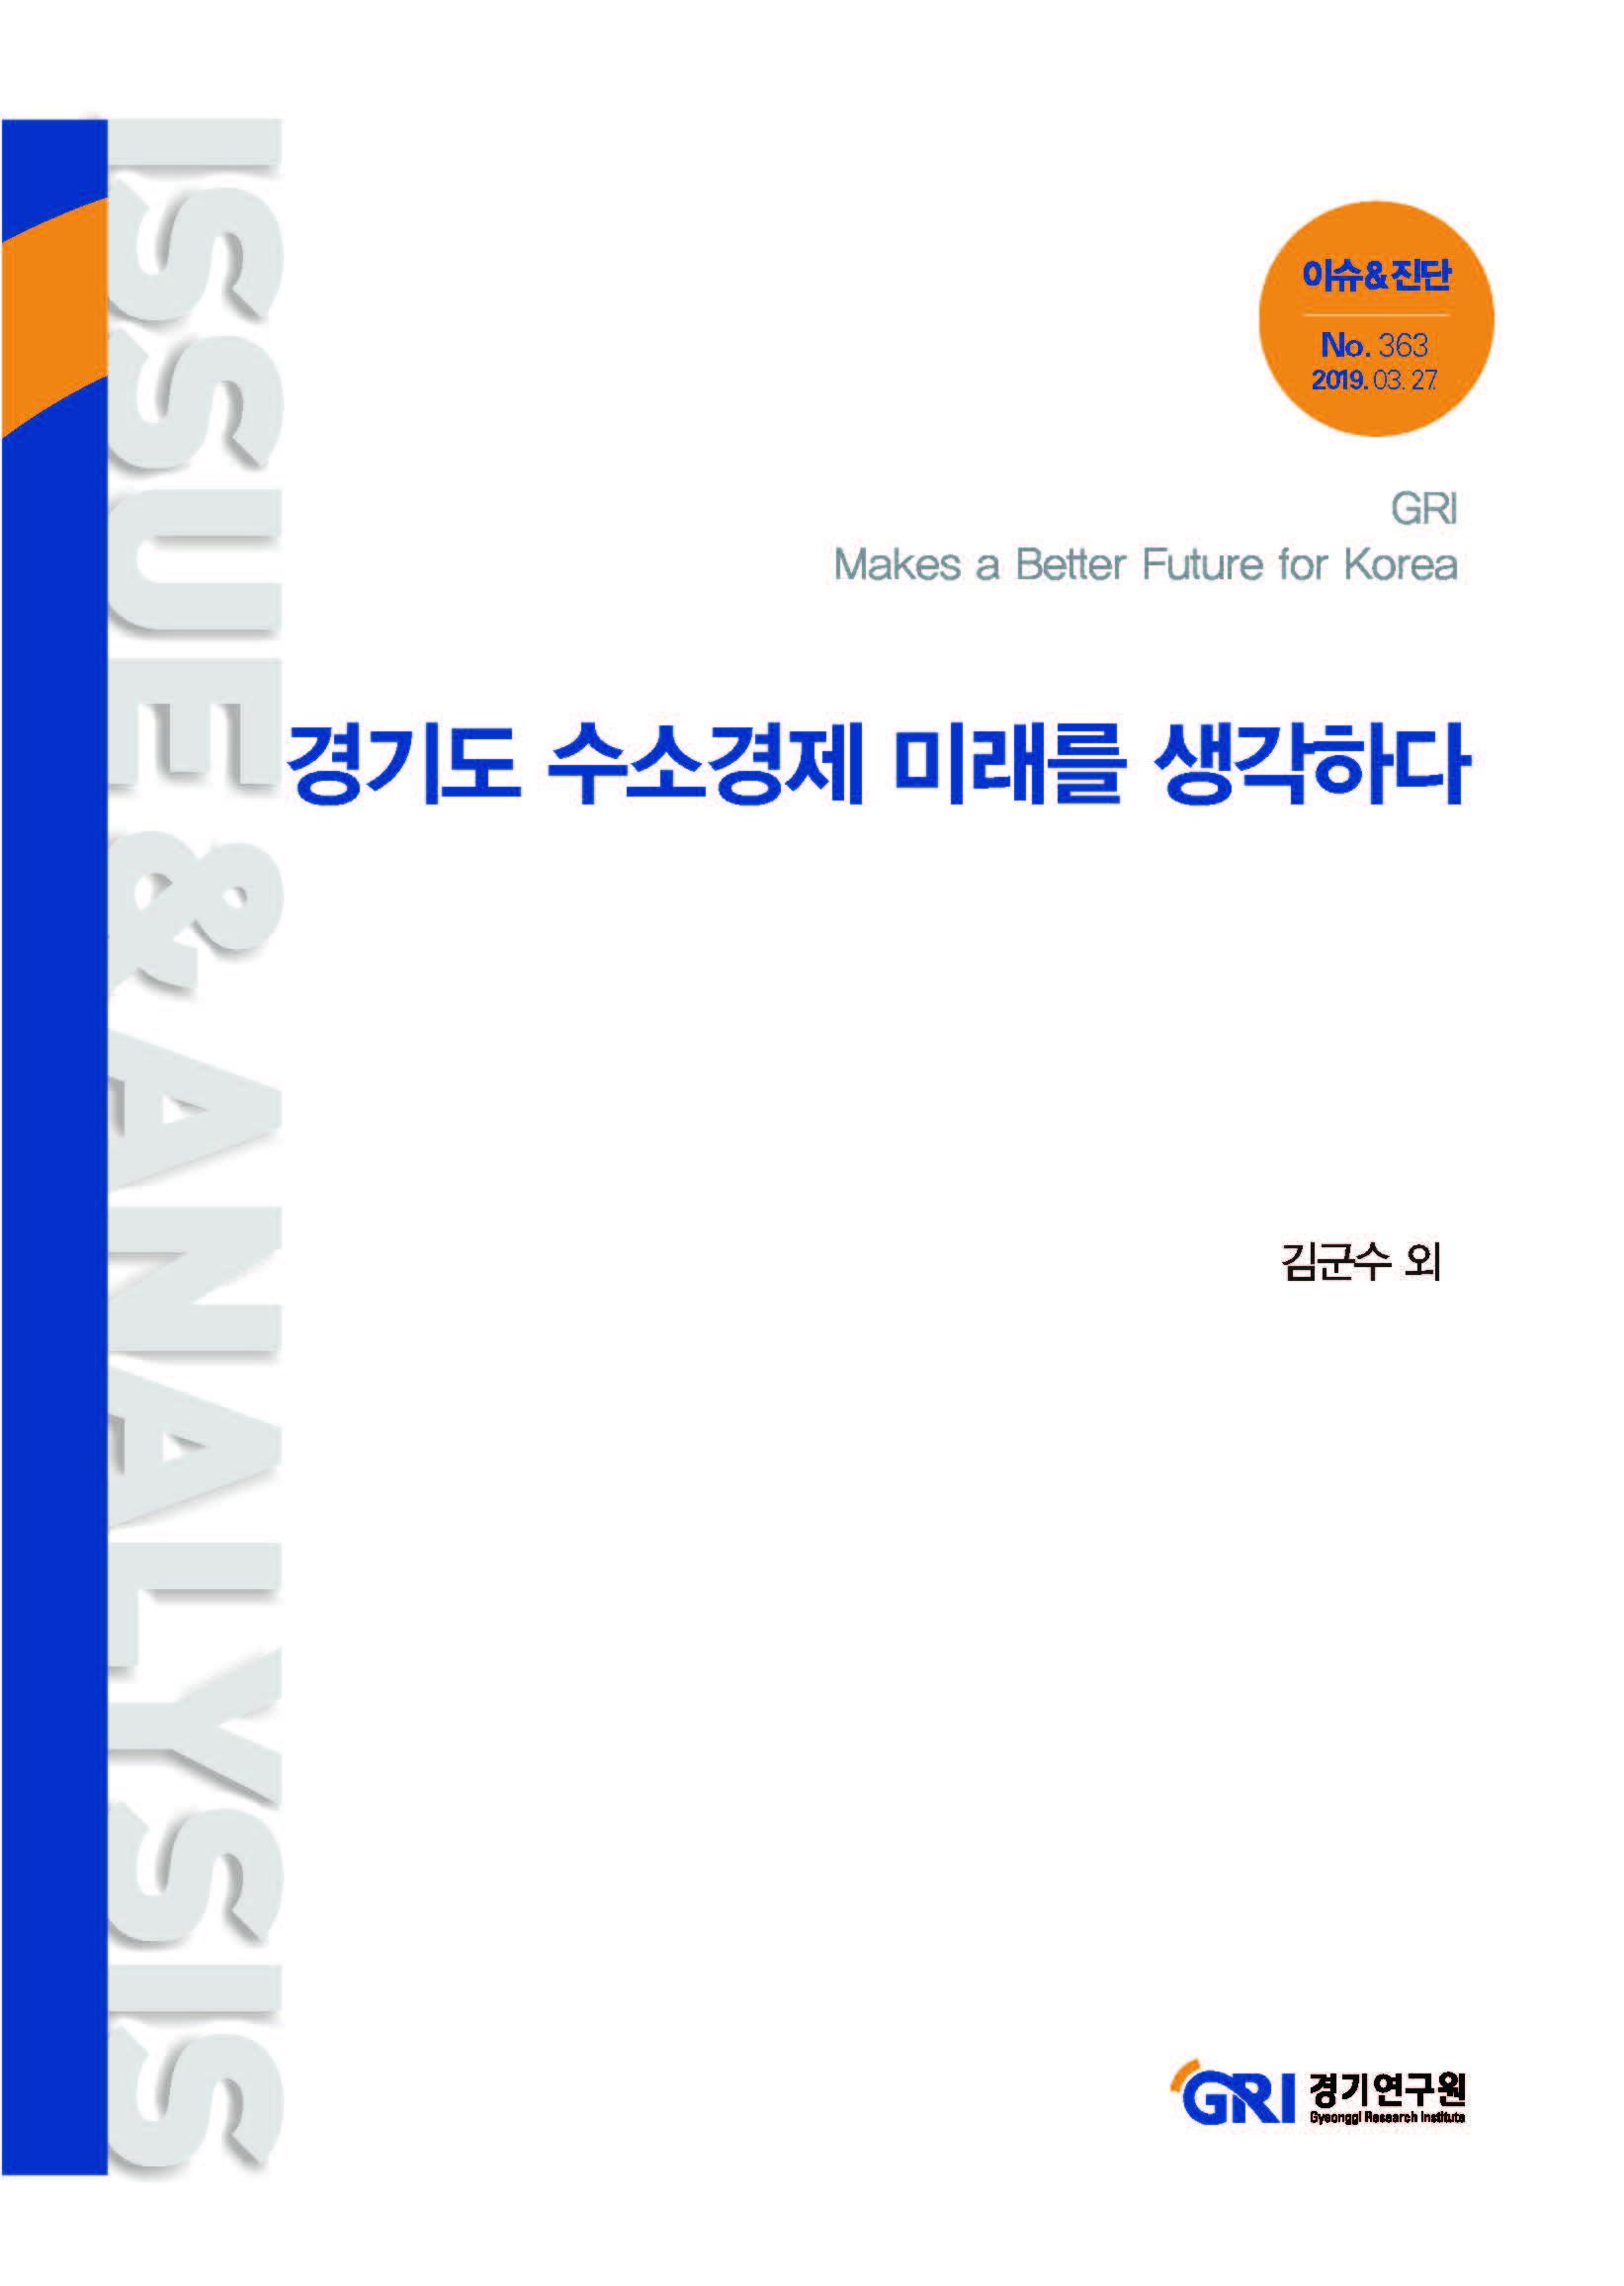 경기도 수소경제 미래를 생각하다